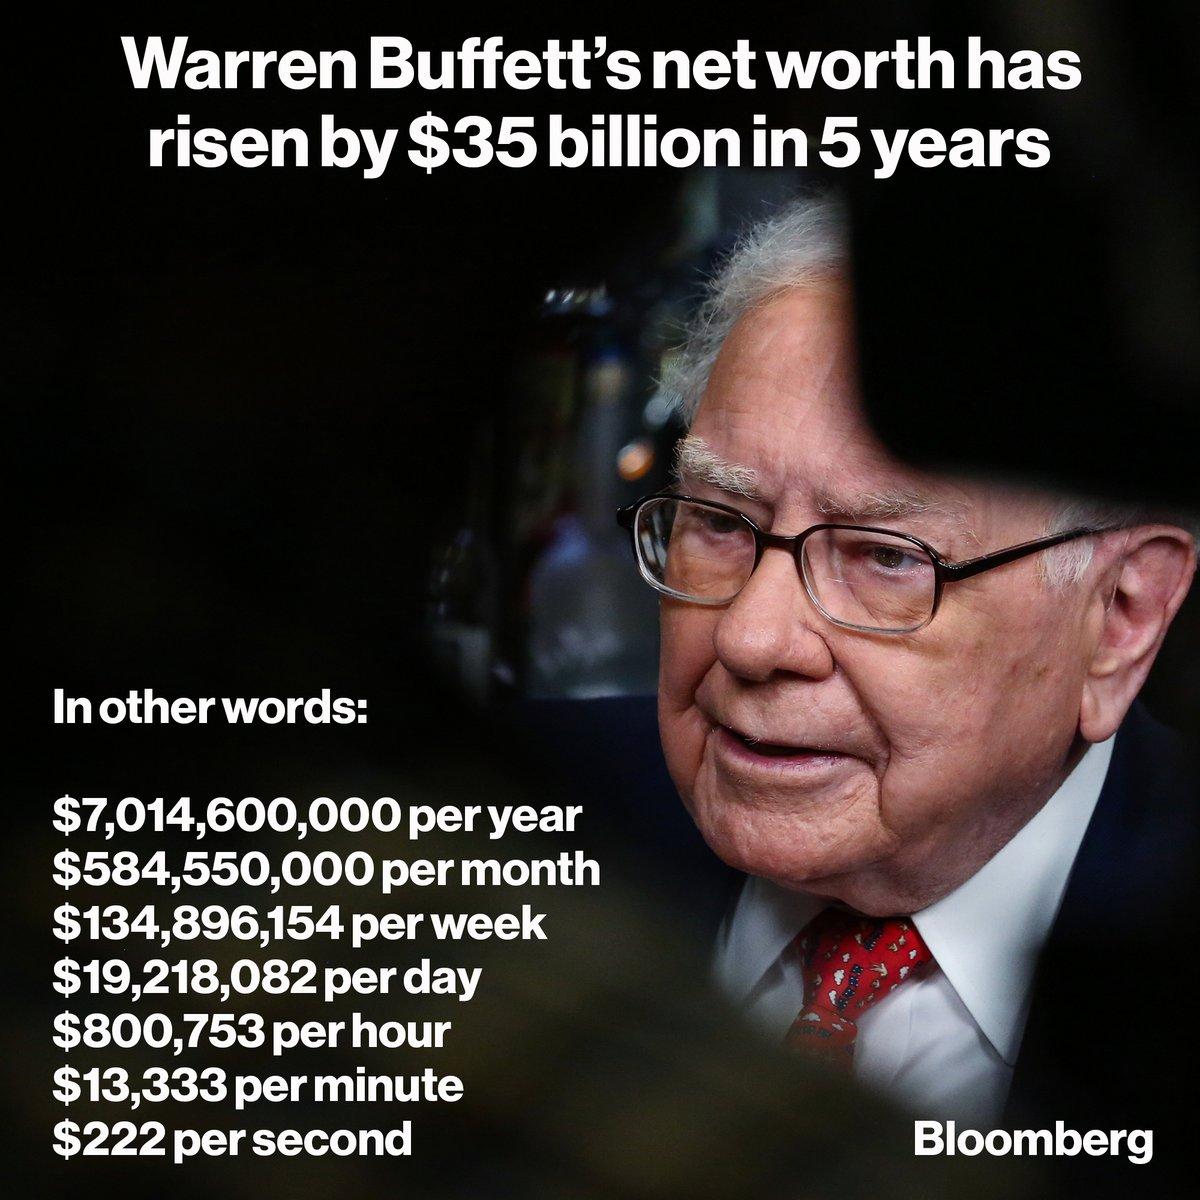 87-ամյա Ուորեն Բաֆեթը վերջին 5 տարում 35 մլրդ դոլար է աշխատել